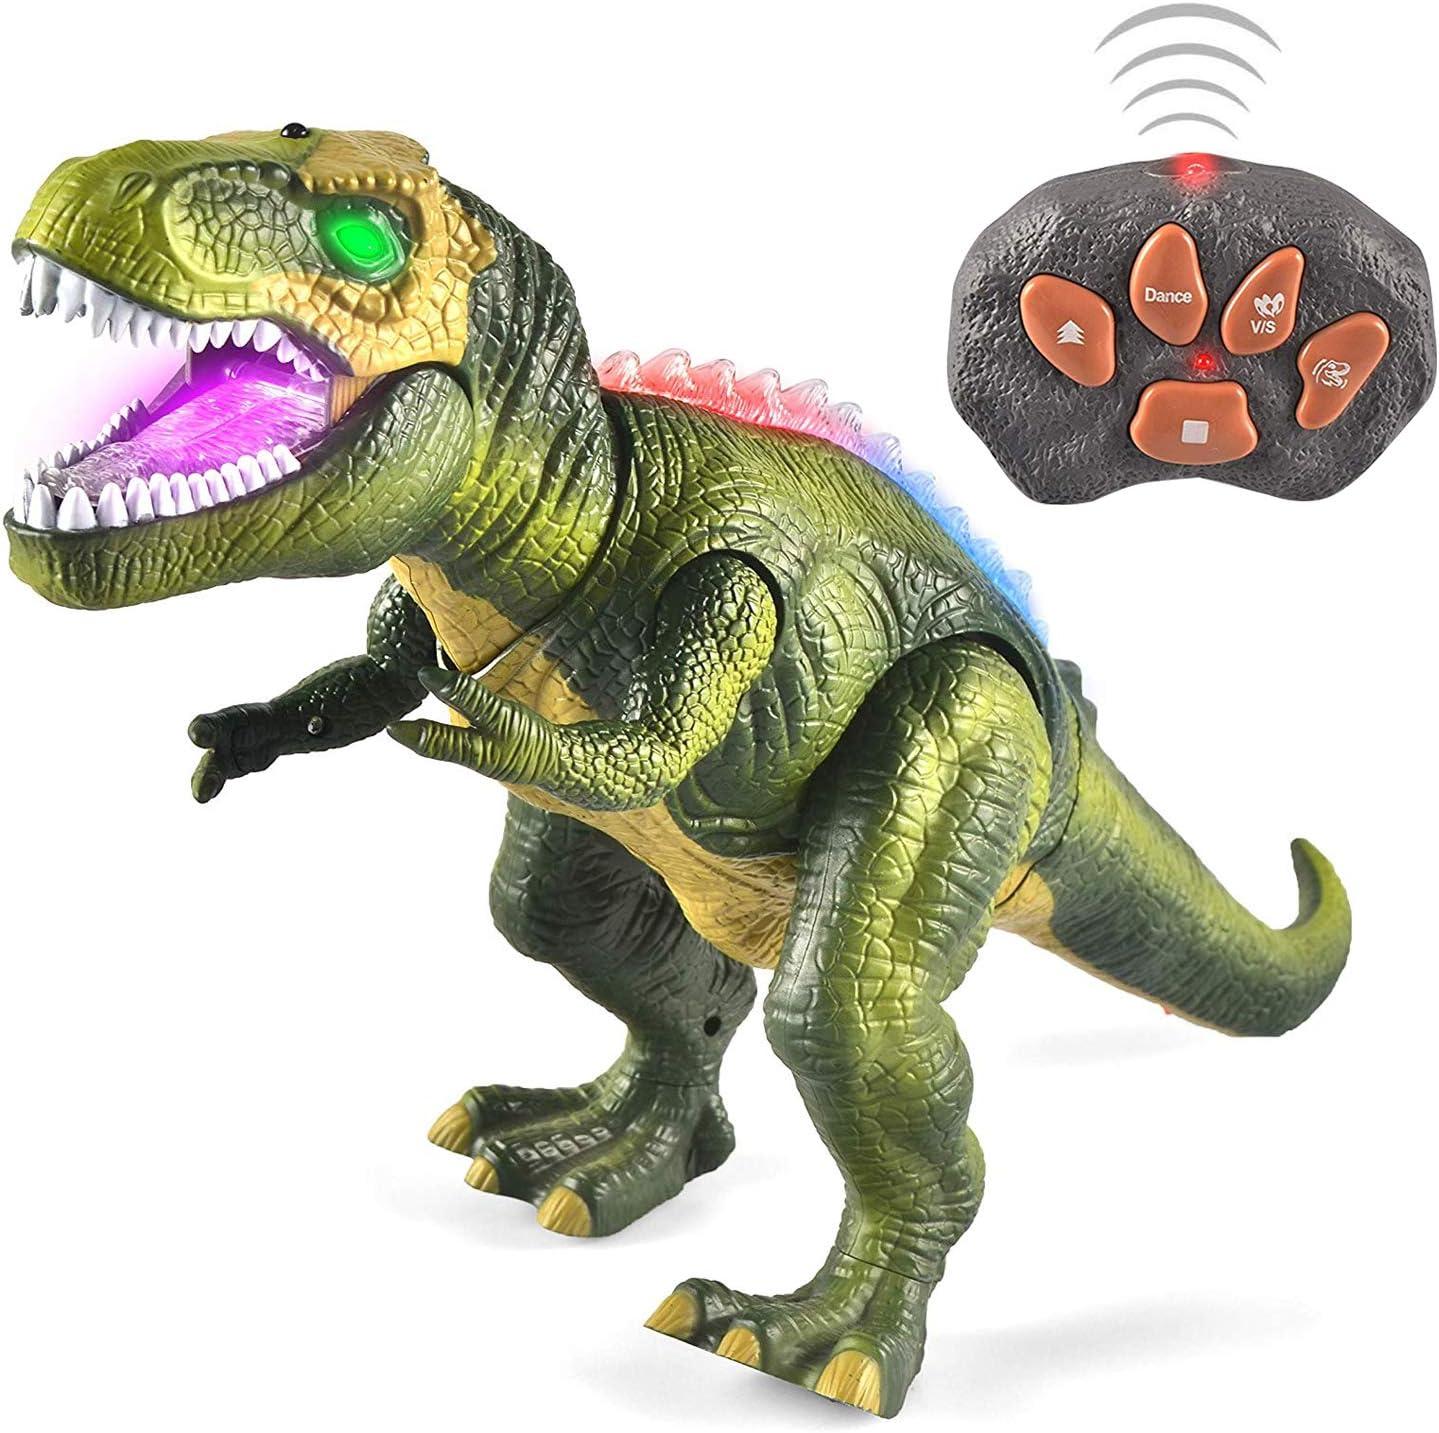 JOYIN Dinosaurio de Control Remoto Electric Mando a Distancia T-Rex Dinosaurio con luz y Rugido Realista Juguetes Niños 3 4 5 años